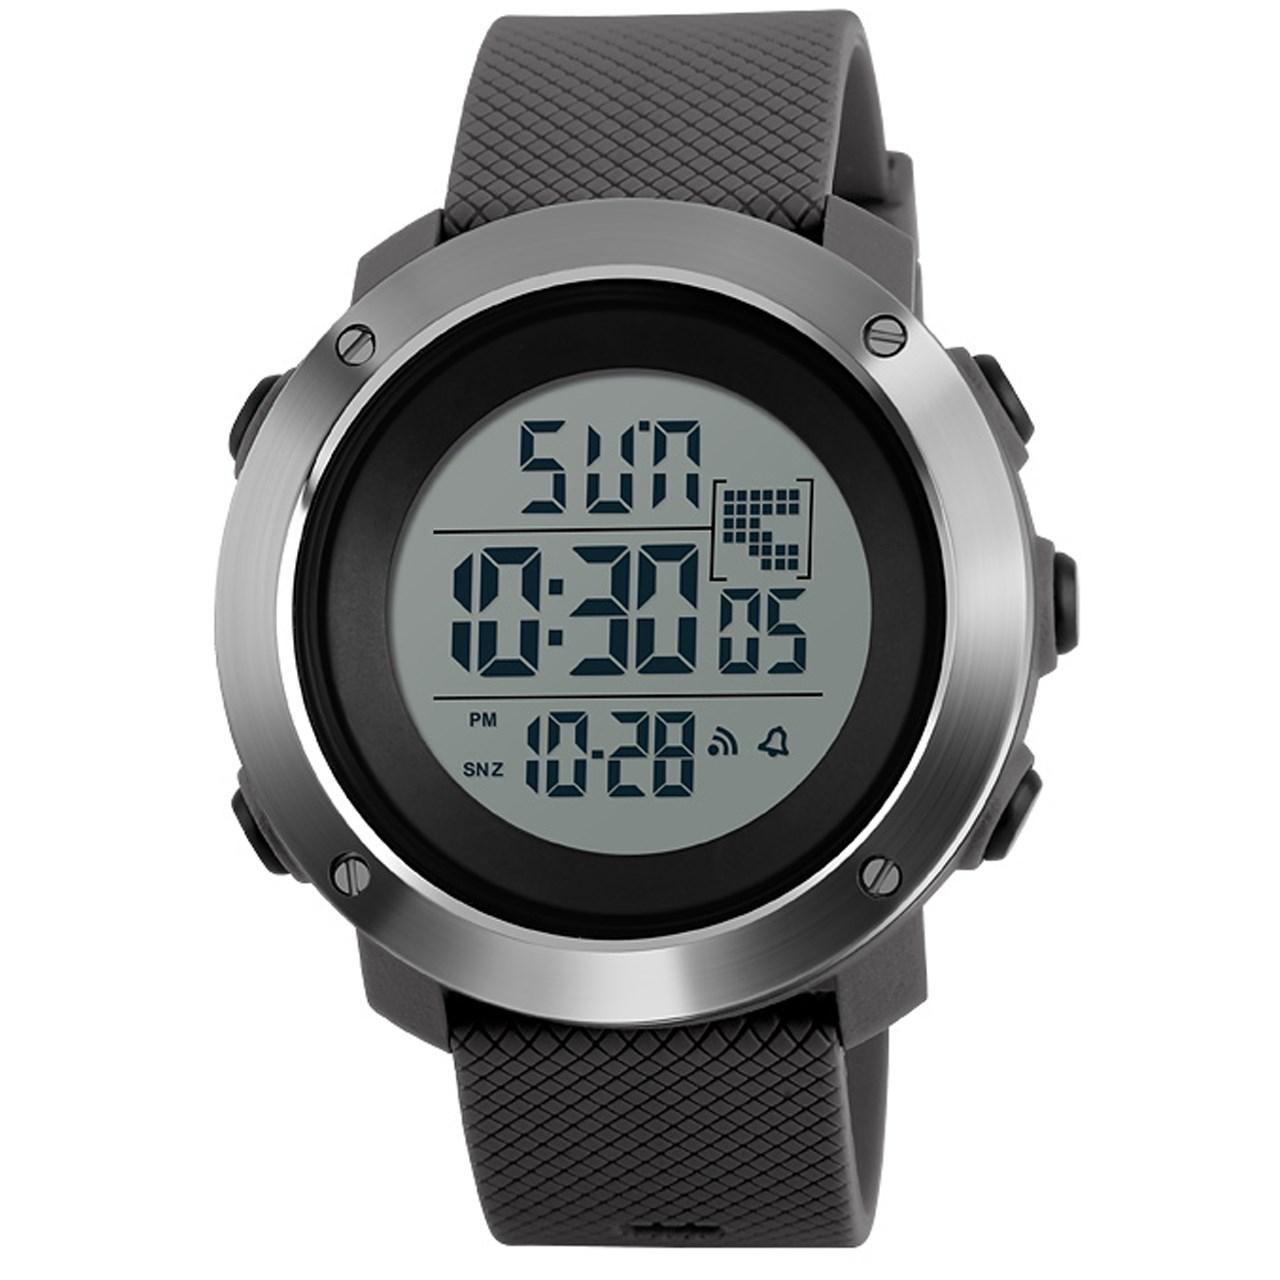 ساعت مچی دیجیتال مردانه اسکمی مدل 1267 کد 03 36